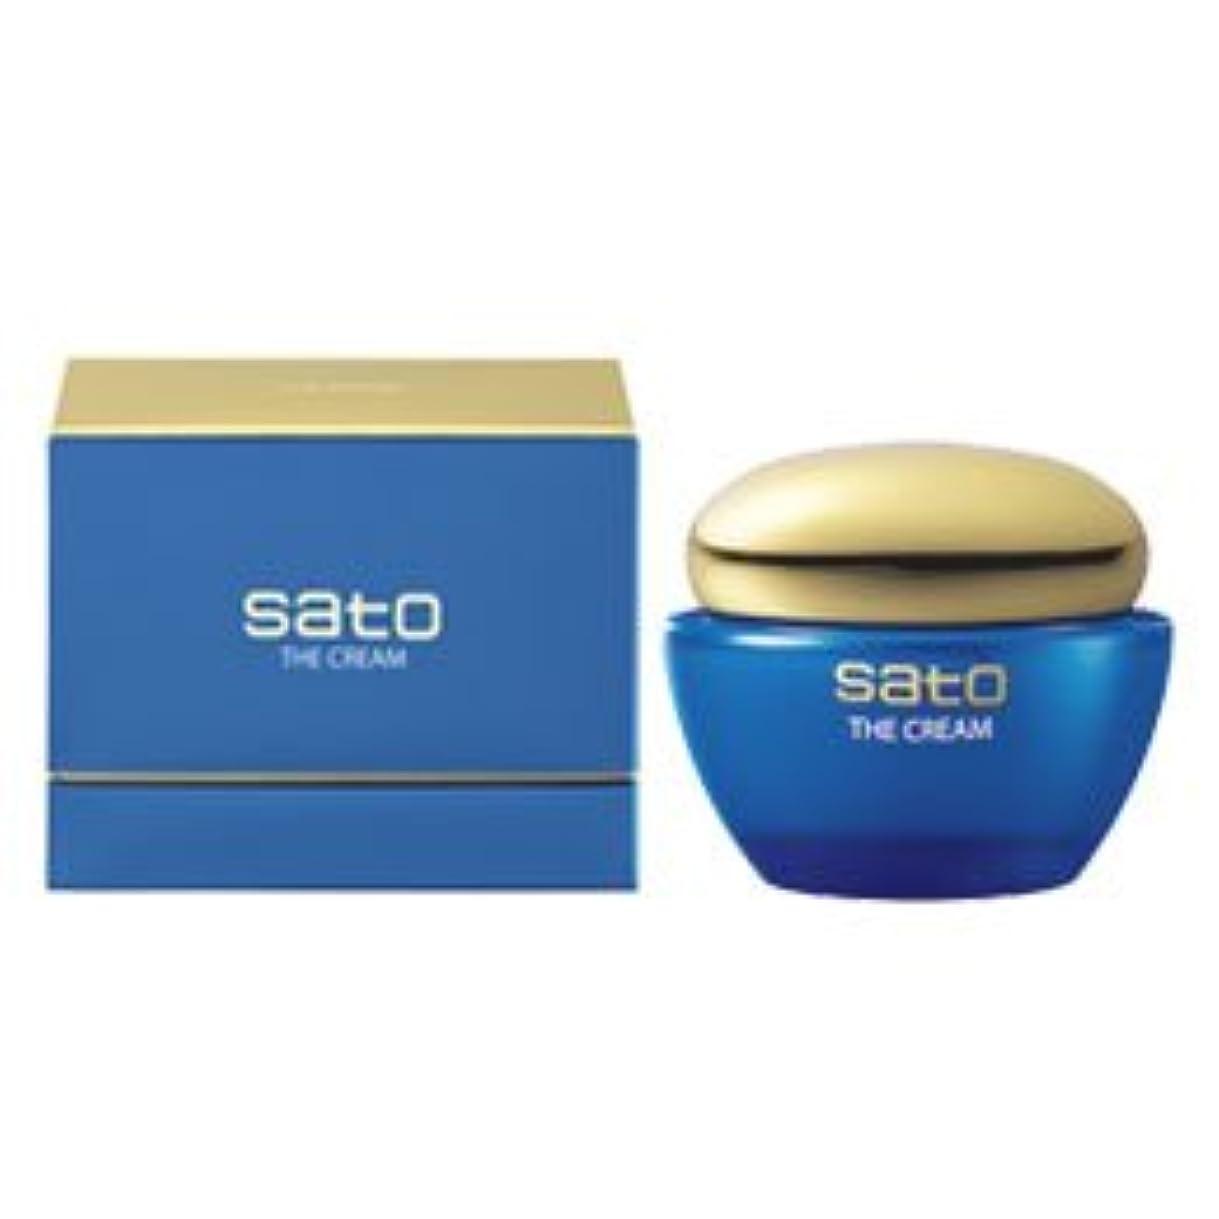 唯一条約十分佐藤製薬 SATO【サトウ製薬】ザ?クリーム50g<保湿クリーム> 8000 P12